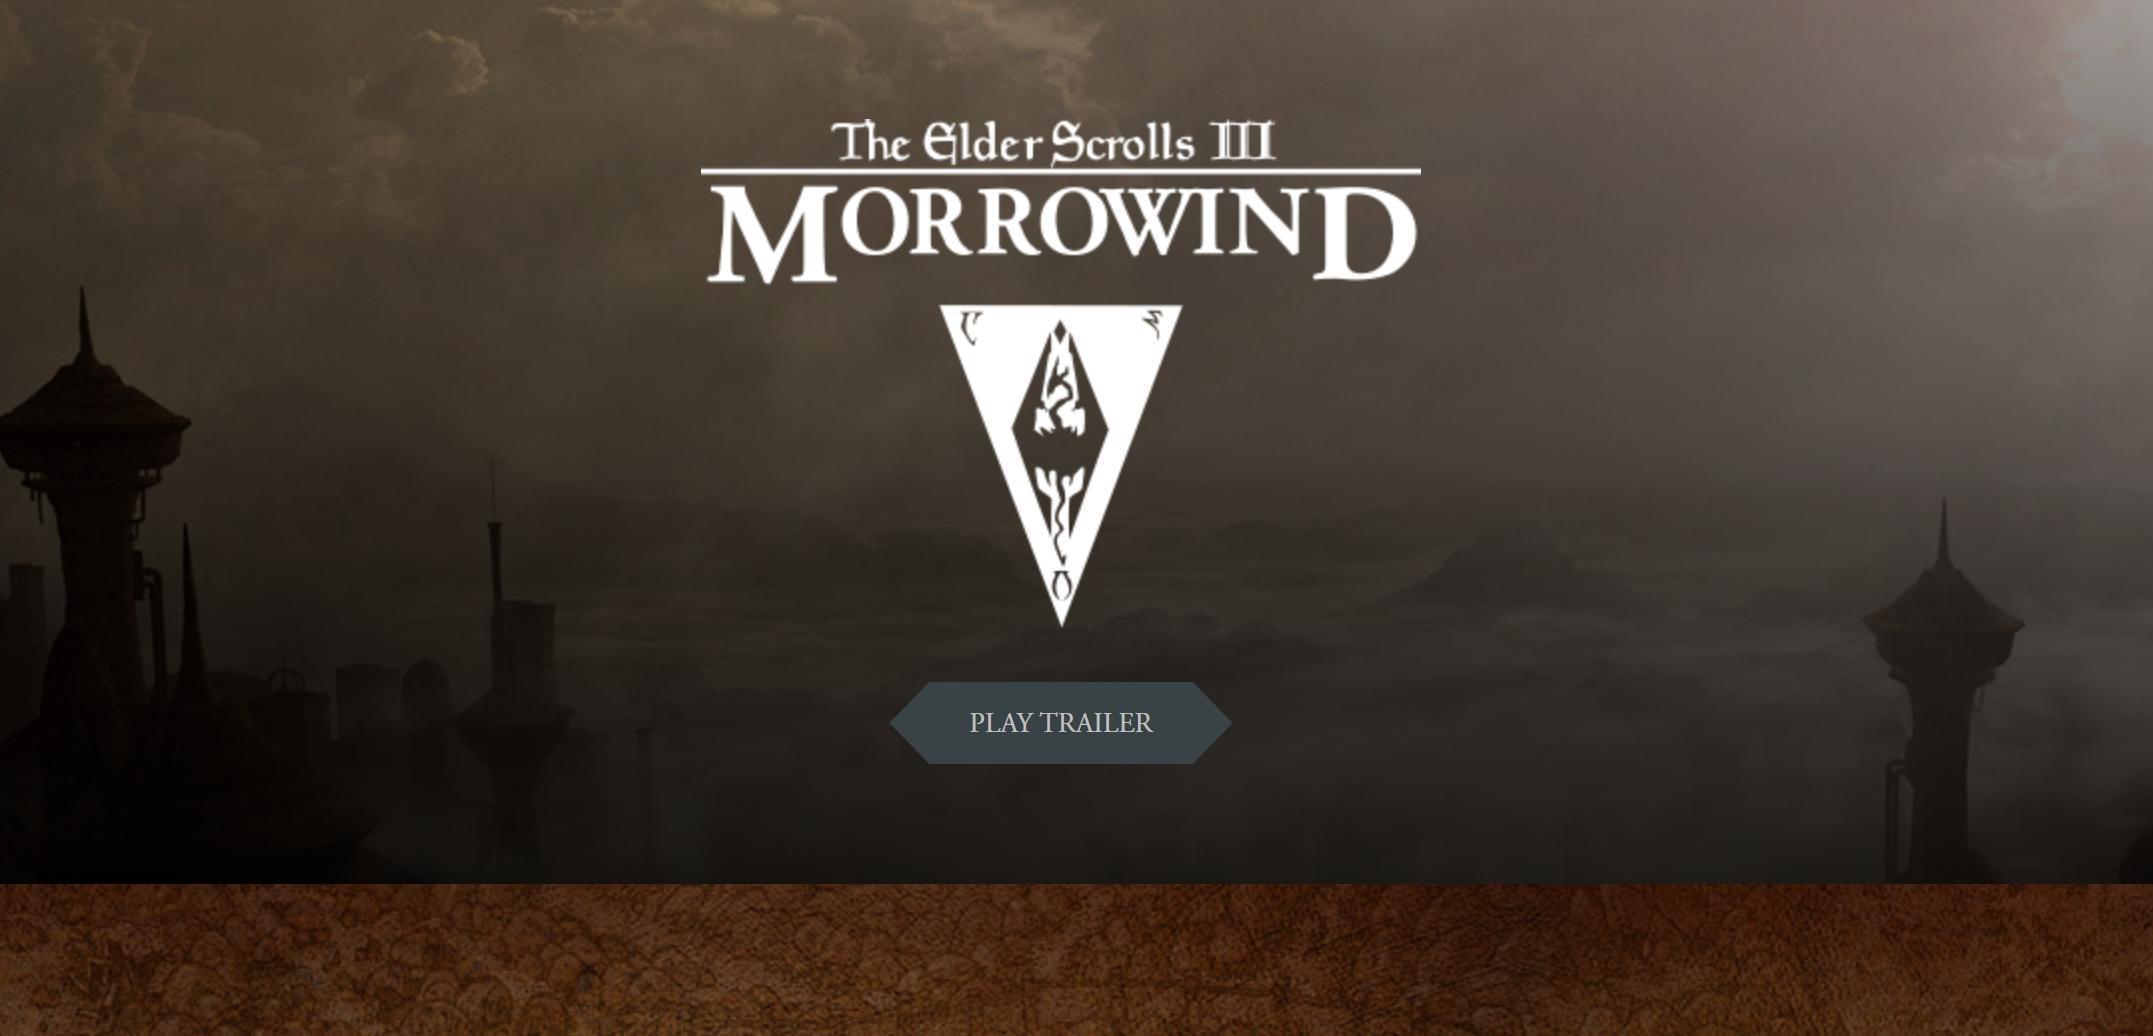 GRATIS KUN I DAG: The Elder Scrolls III: Morrowind